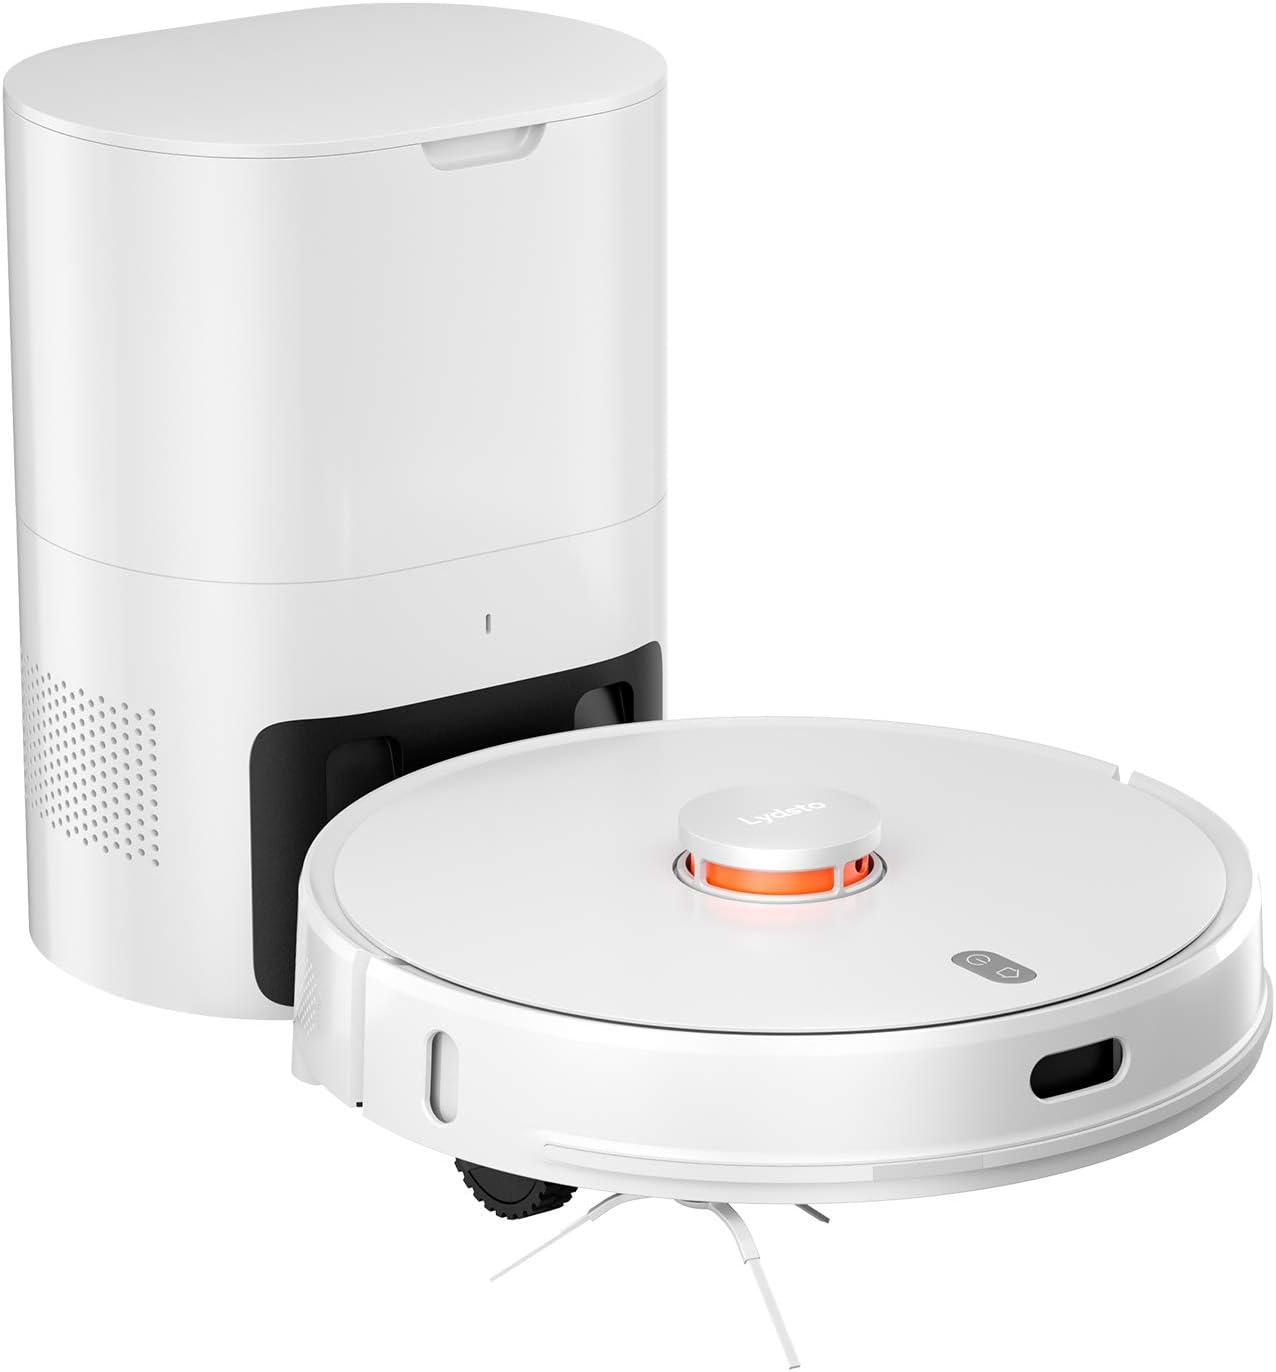 Lydsto R1 Aspiradora Robot, Que Incluye Bolsas para el Polvo, Barrido y Cepillado Combinados, recolección de Polvo Completamente Cerrada, bajo Nivel de Ruido, Manos Libres